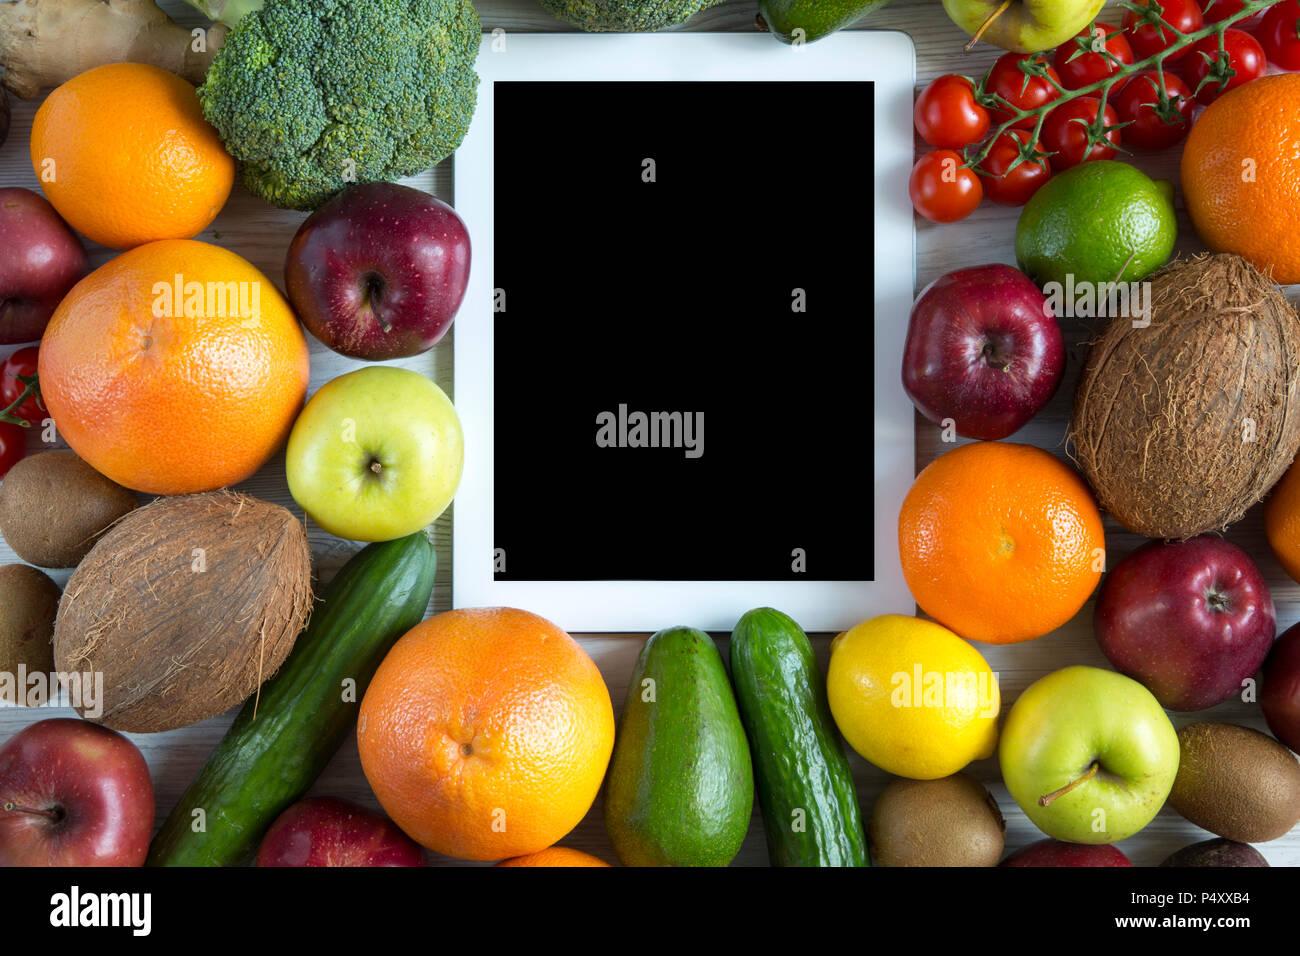 tablette avec cran noir les fruits et l gumes frais biologiques sur fond de bois blanc la. Black Bedroom Furniture Sets. Home Design Ideas